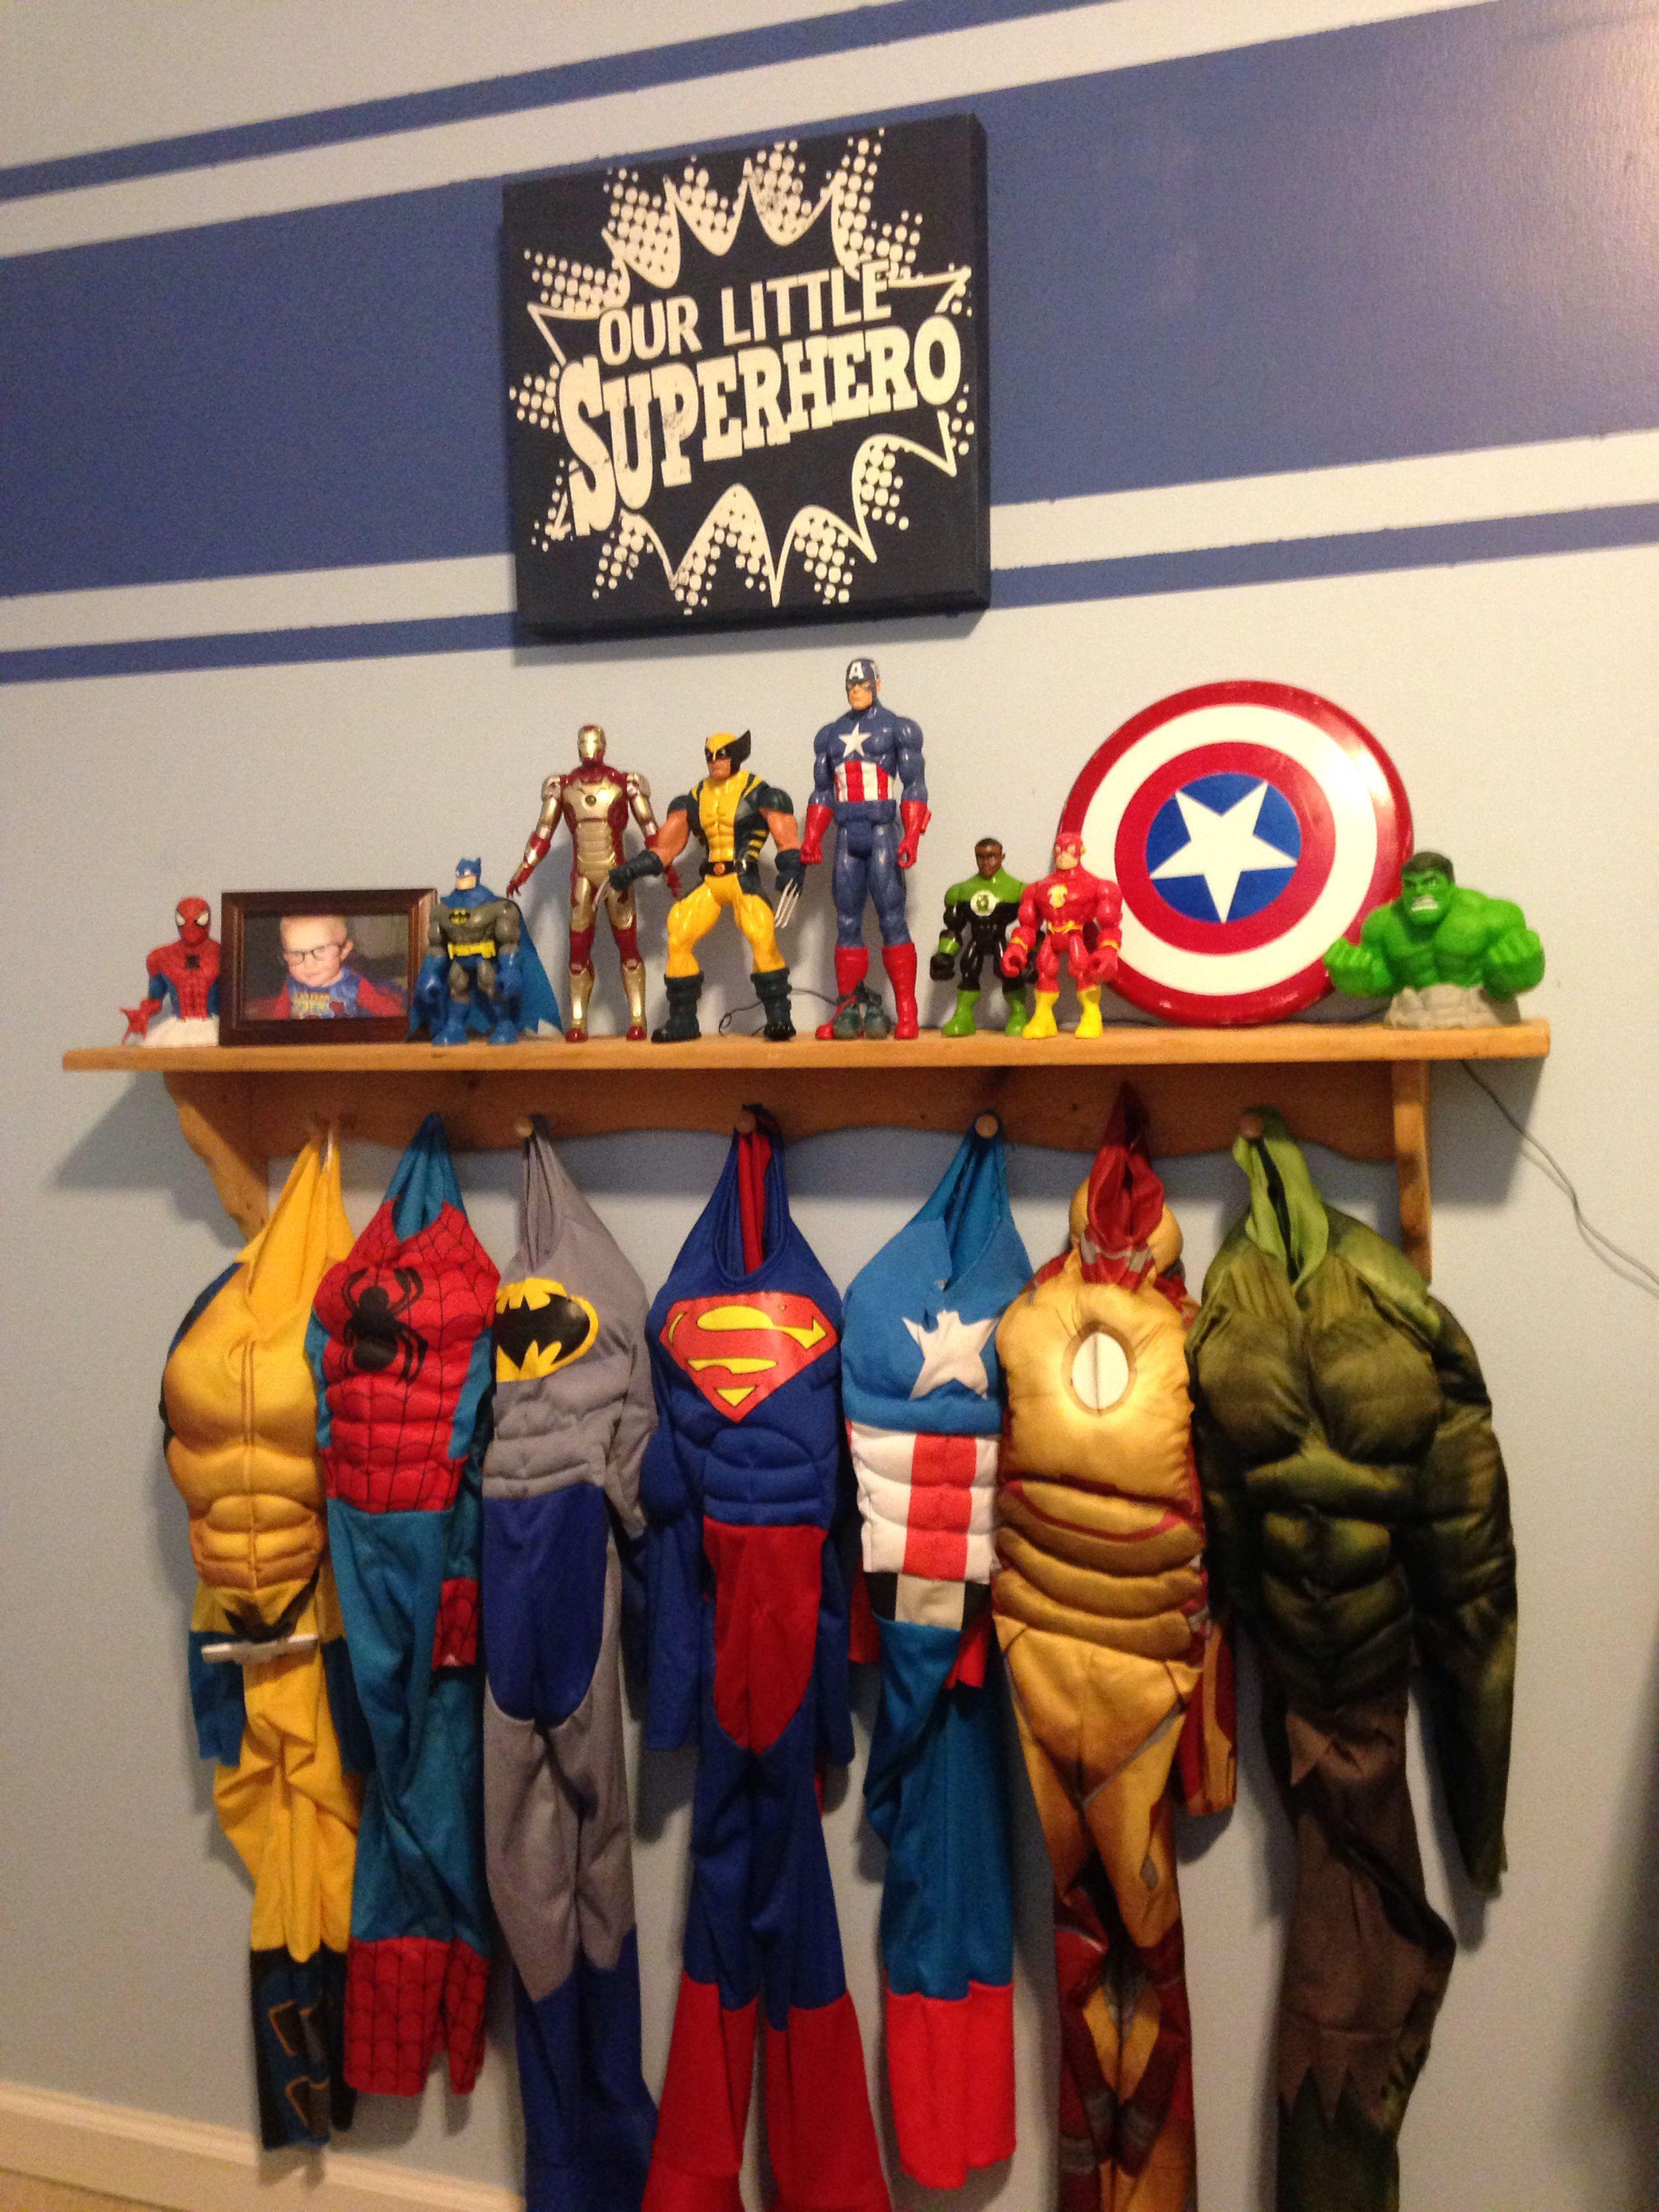 Superheros Superhero Room Kids Playroom Avengers Room